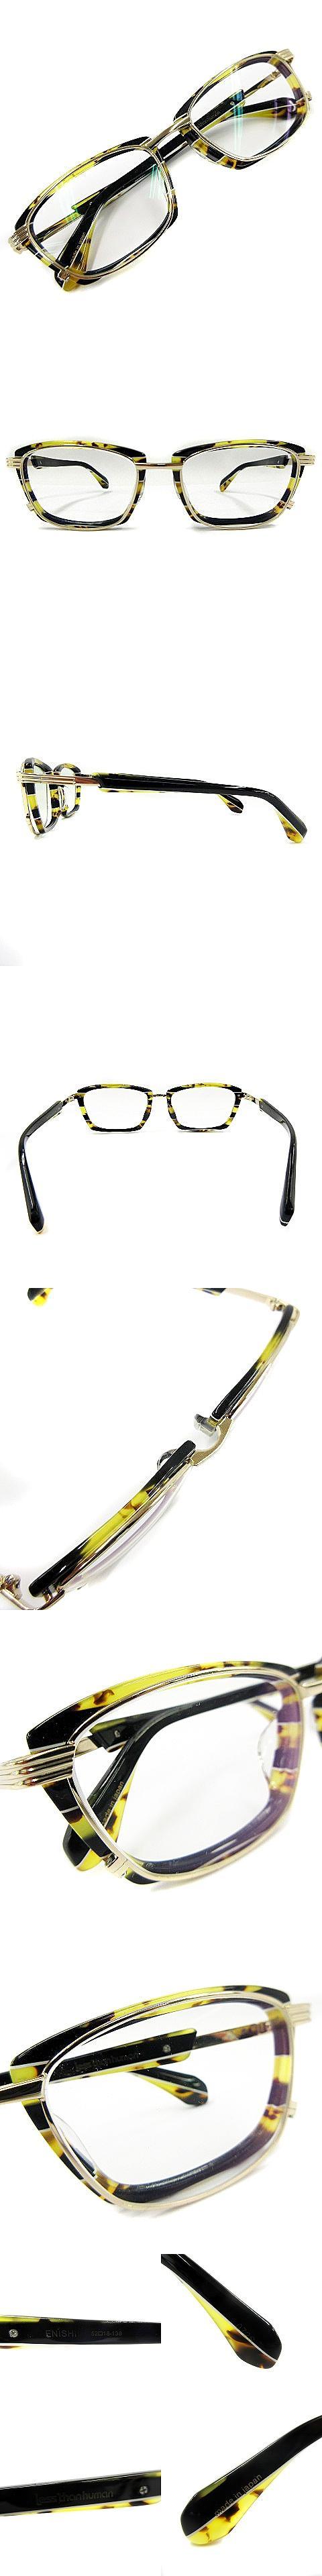 18SS 072S ENISHI エニシ メガネ フレーム 虎柄 眼鏡 マーブル コンビフレーム ゴールド 金 52□18-138